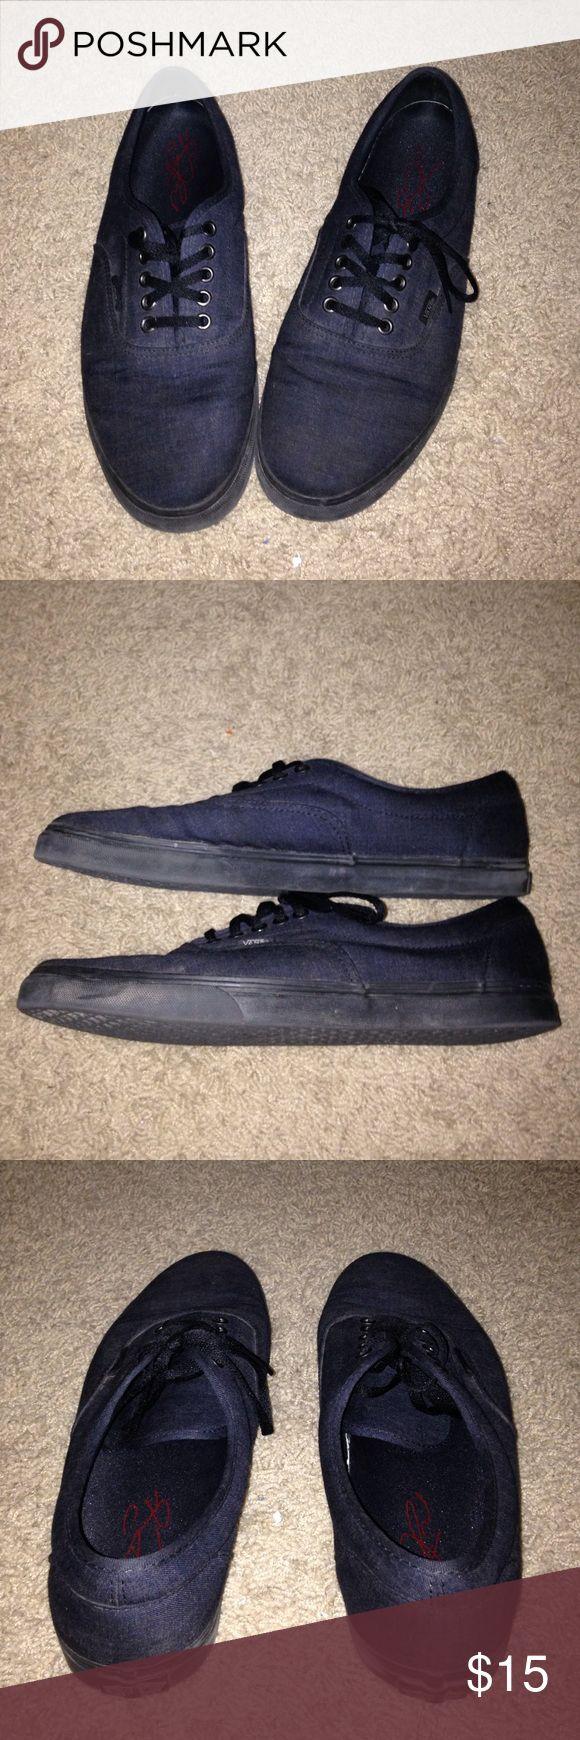 Skate shoes difference - Vans Skate Shoe Size 11 Vans Skate Shoe Slightly Worn Soles Have Some Wear